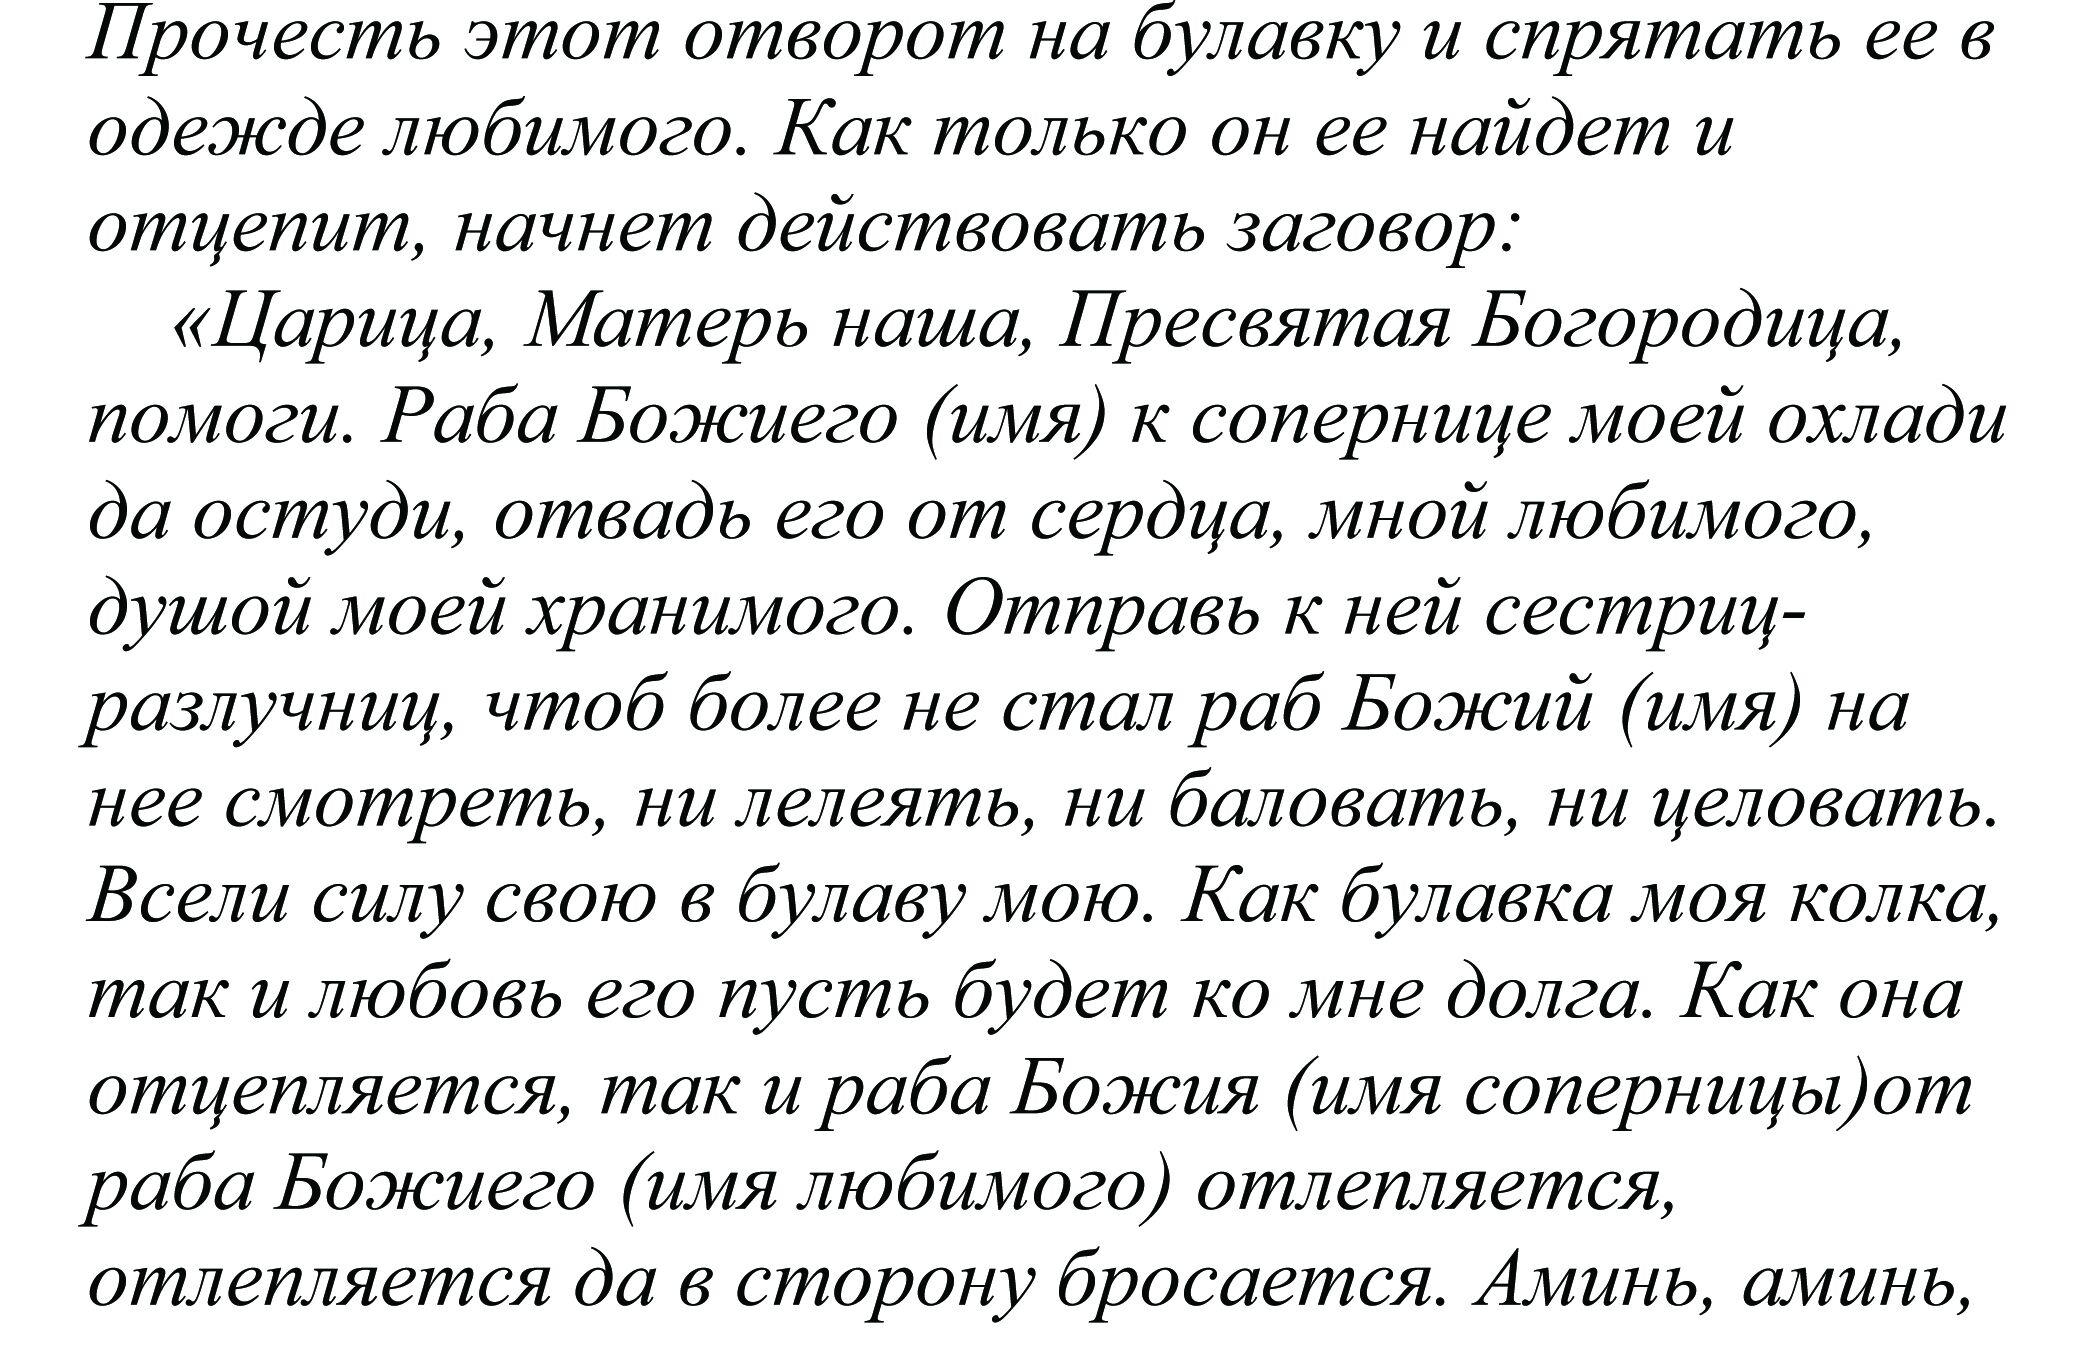 Sopernitsa